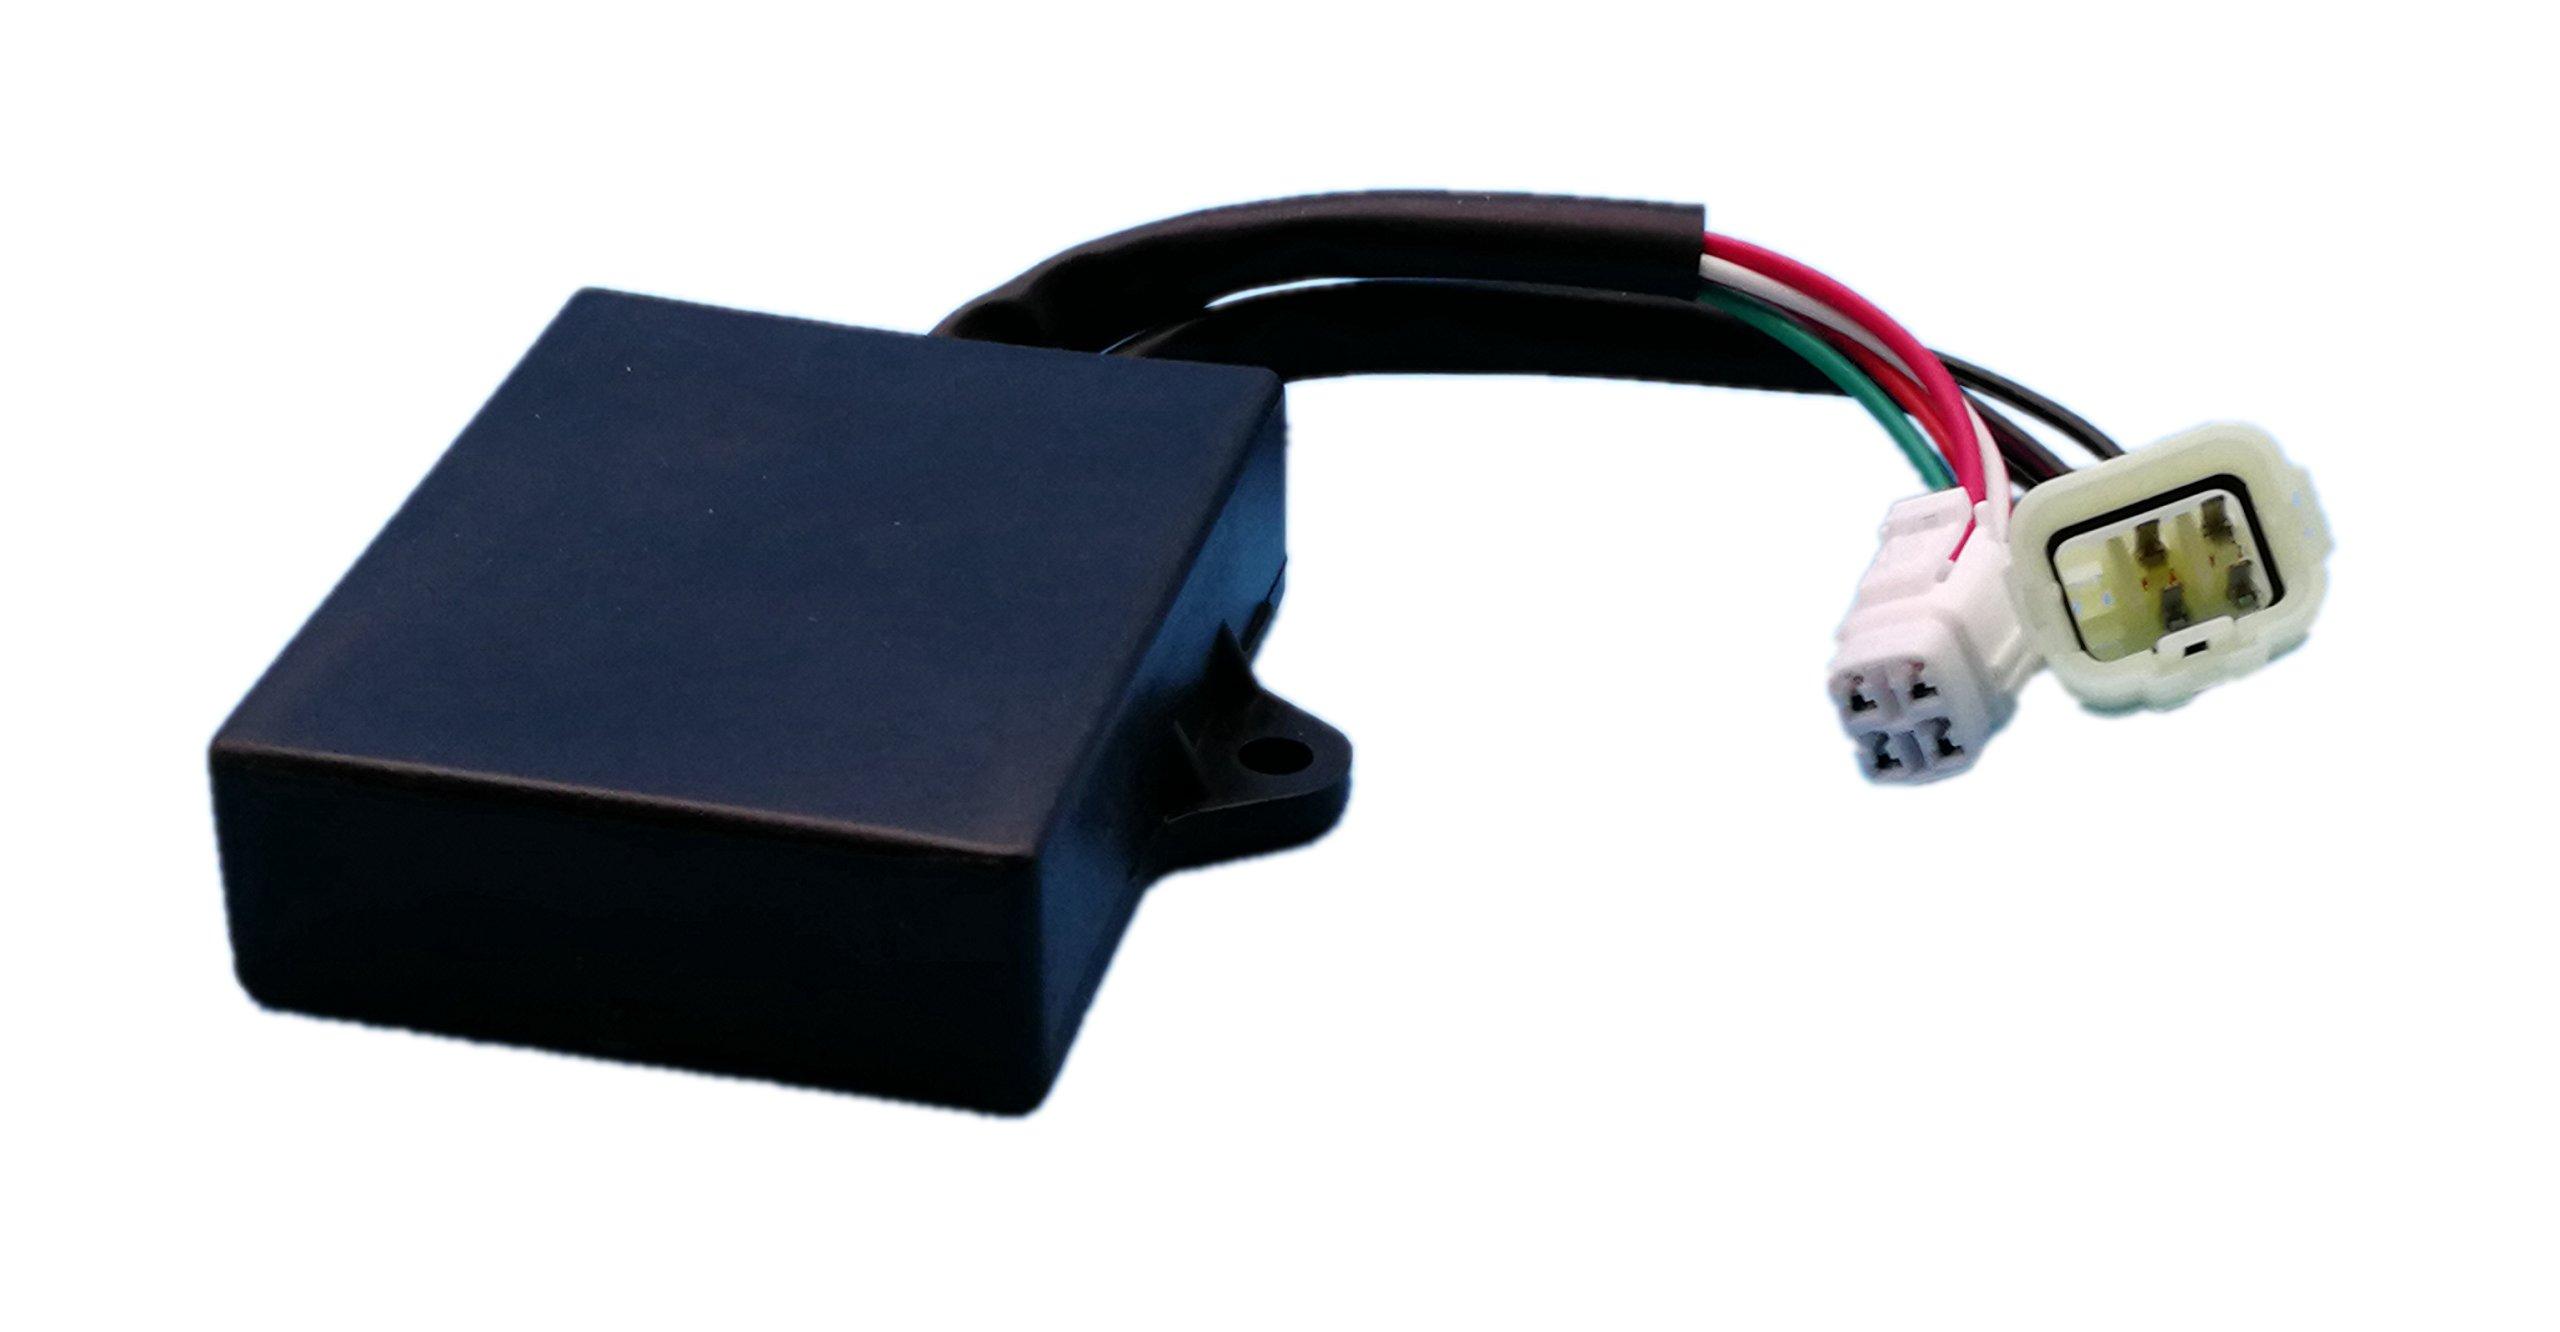 Tuzliufi CDI Box Module Replace Yamaha Banshee 350 Yfz350 1997 1998 1999 2000 2001 2002 2003 2004 2005 2006 ATV Replace 3GG-85540-10-00 3GG855401000 New Z10